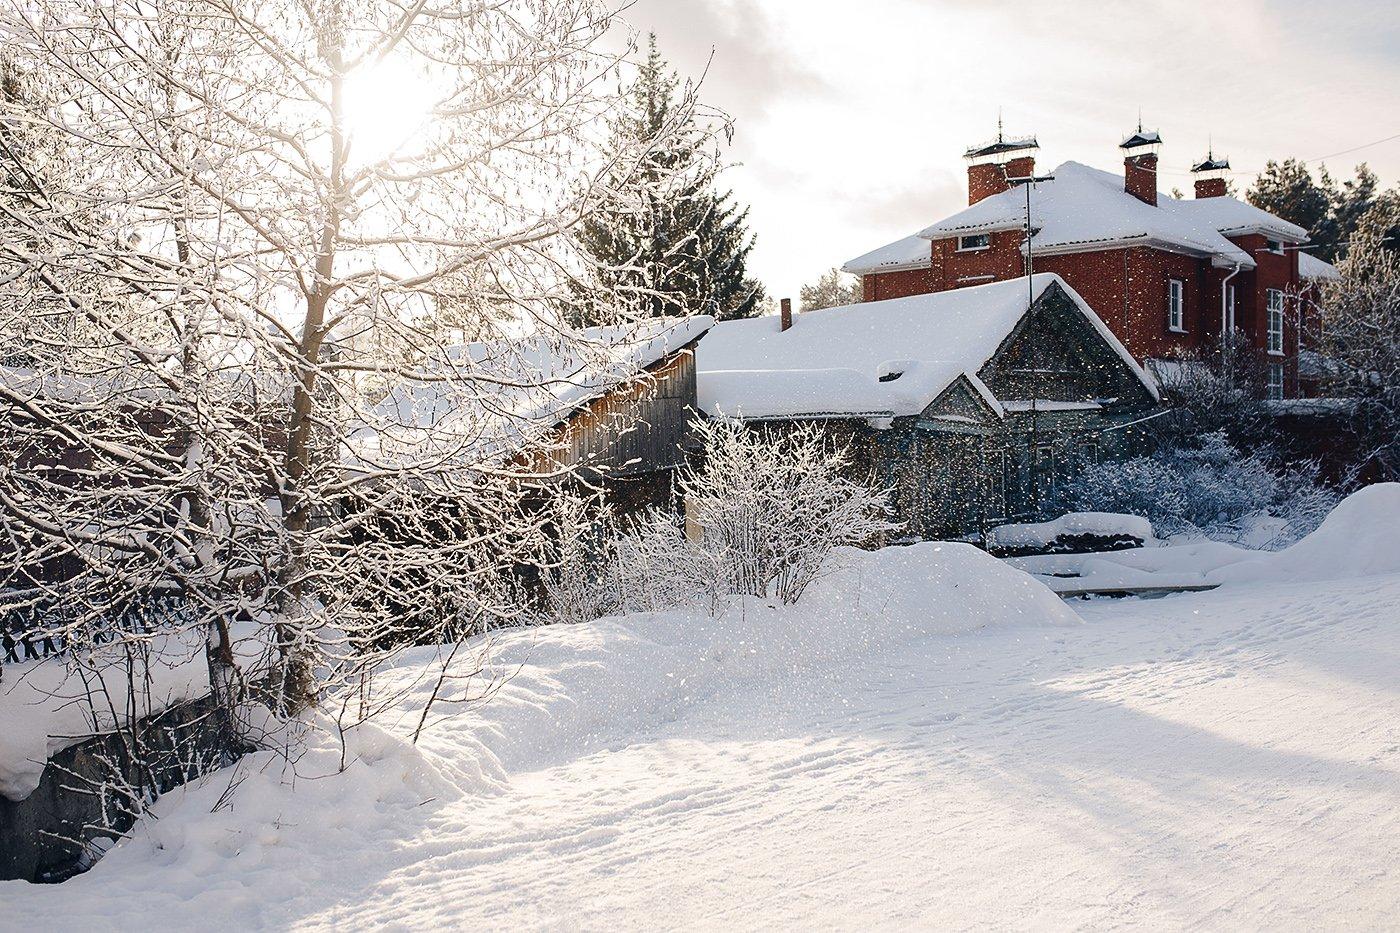 зима, снег, урал, улица, дом, снежный, Евгений Толкачёв